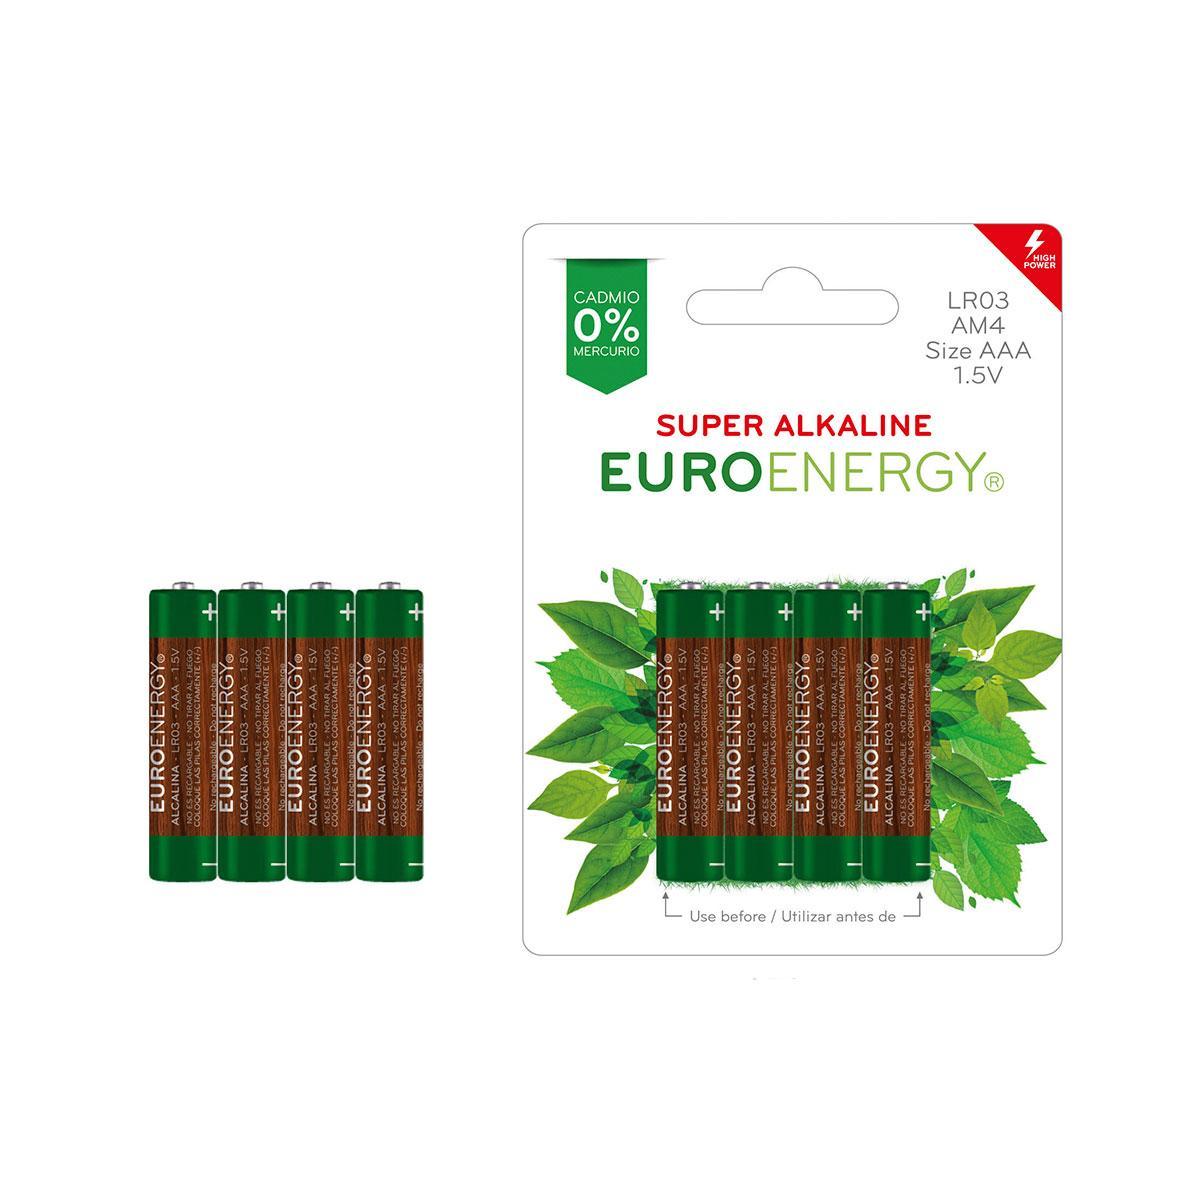 Батарейка SUPER ALKALINE.розмір AAA (LR03).напругою.:1.5 Ст. цил. форми (1 шт. з термоусад.плівки), LR03